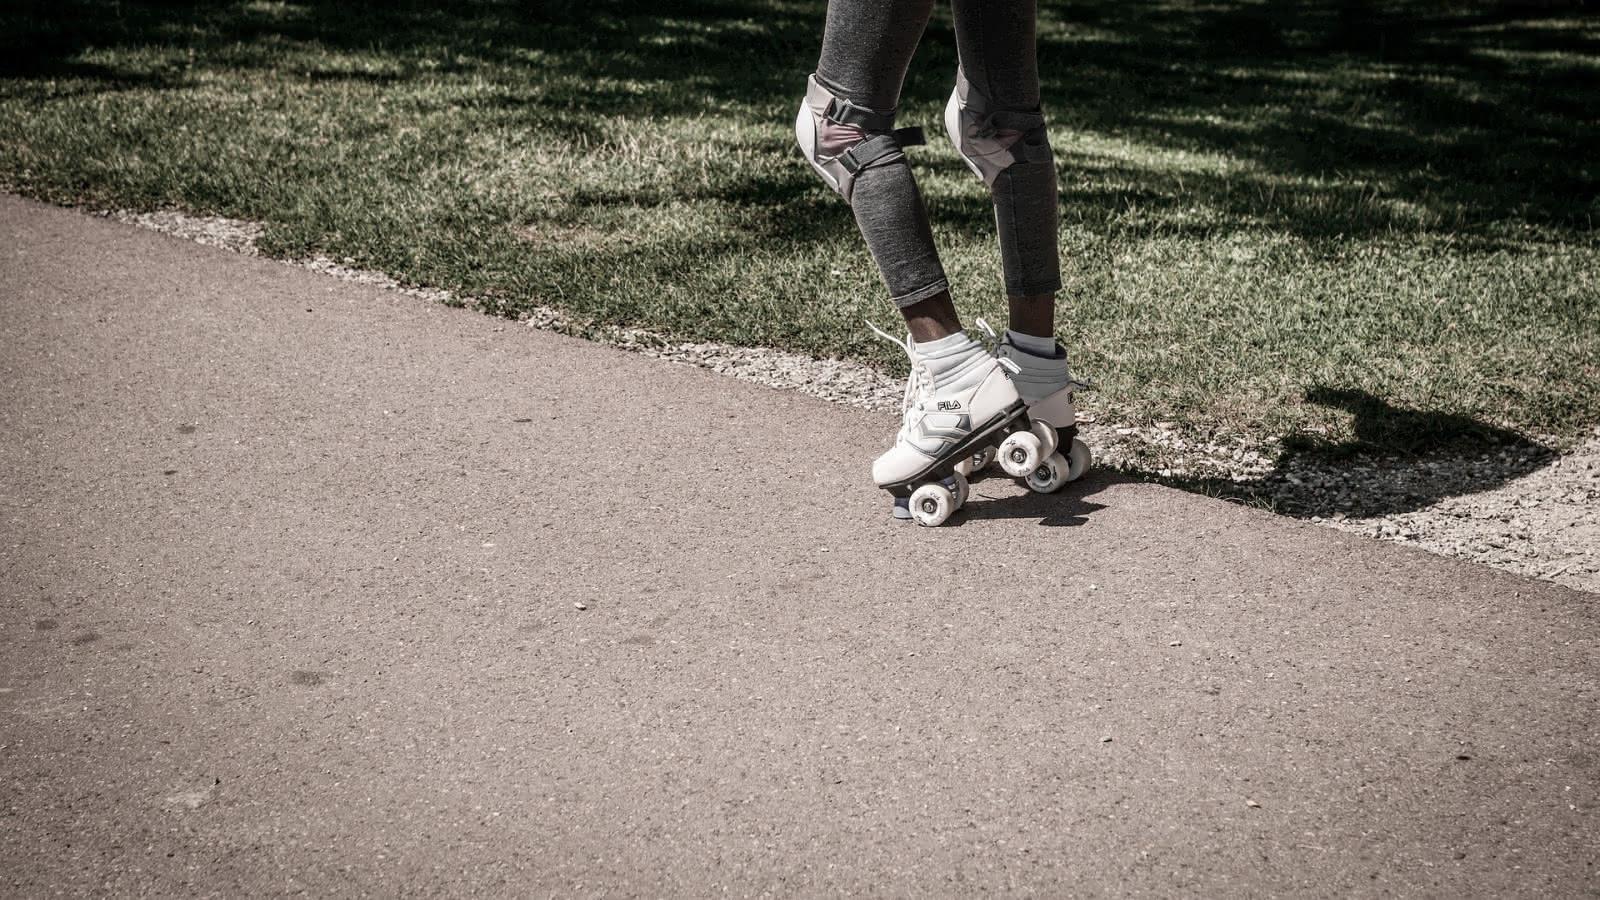 Roller lacanau